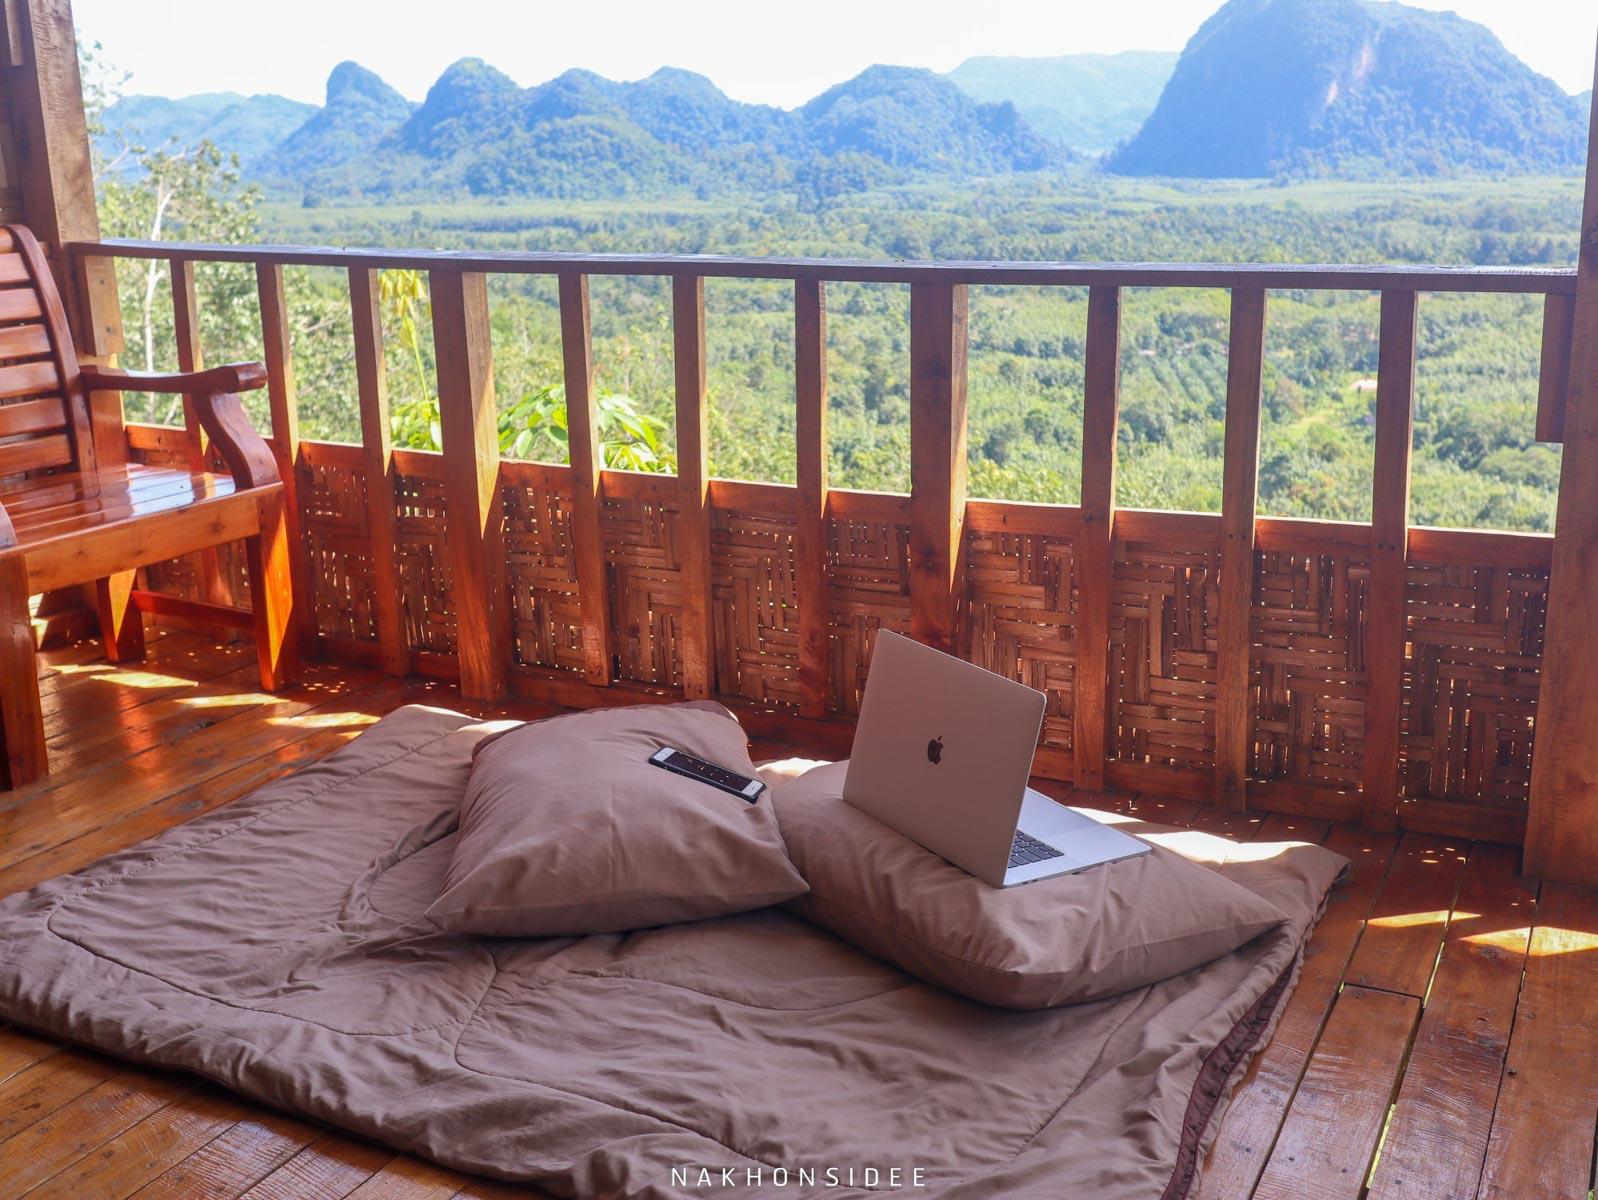 น้ำจิ้มรูปแรกก-บรรยากาศนั่งทำงานชิวๆ-วิวหลักล้าน-ที่พักควนนกเต้น ที่เที่ยว,ที่พัก,พัทลุง,การท่องเที่ยว,ประเทศไทย,วิถีชีวิต,ชุมชน,ดริฟท์กาแฟ